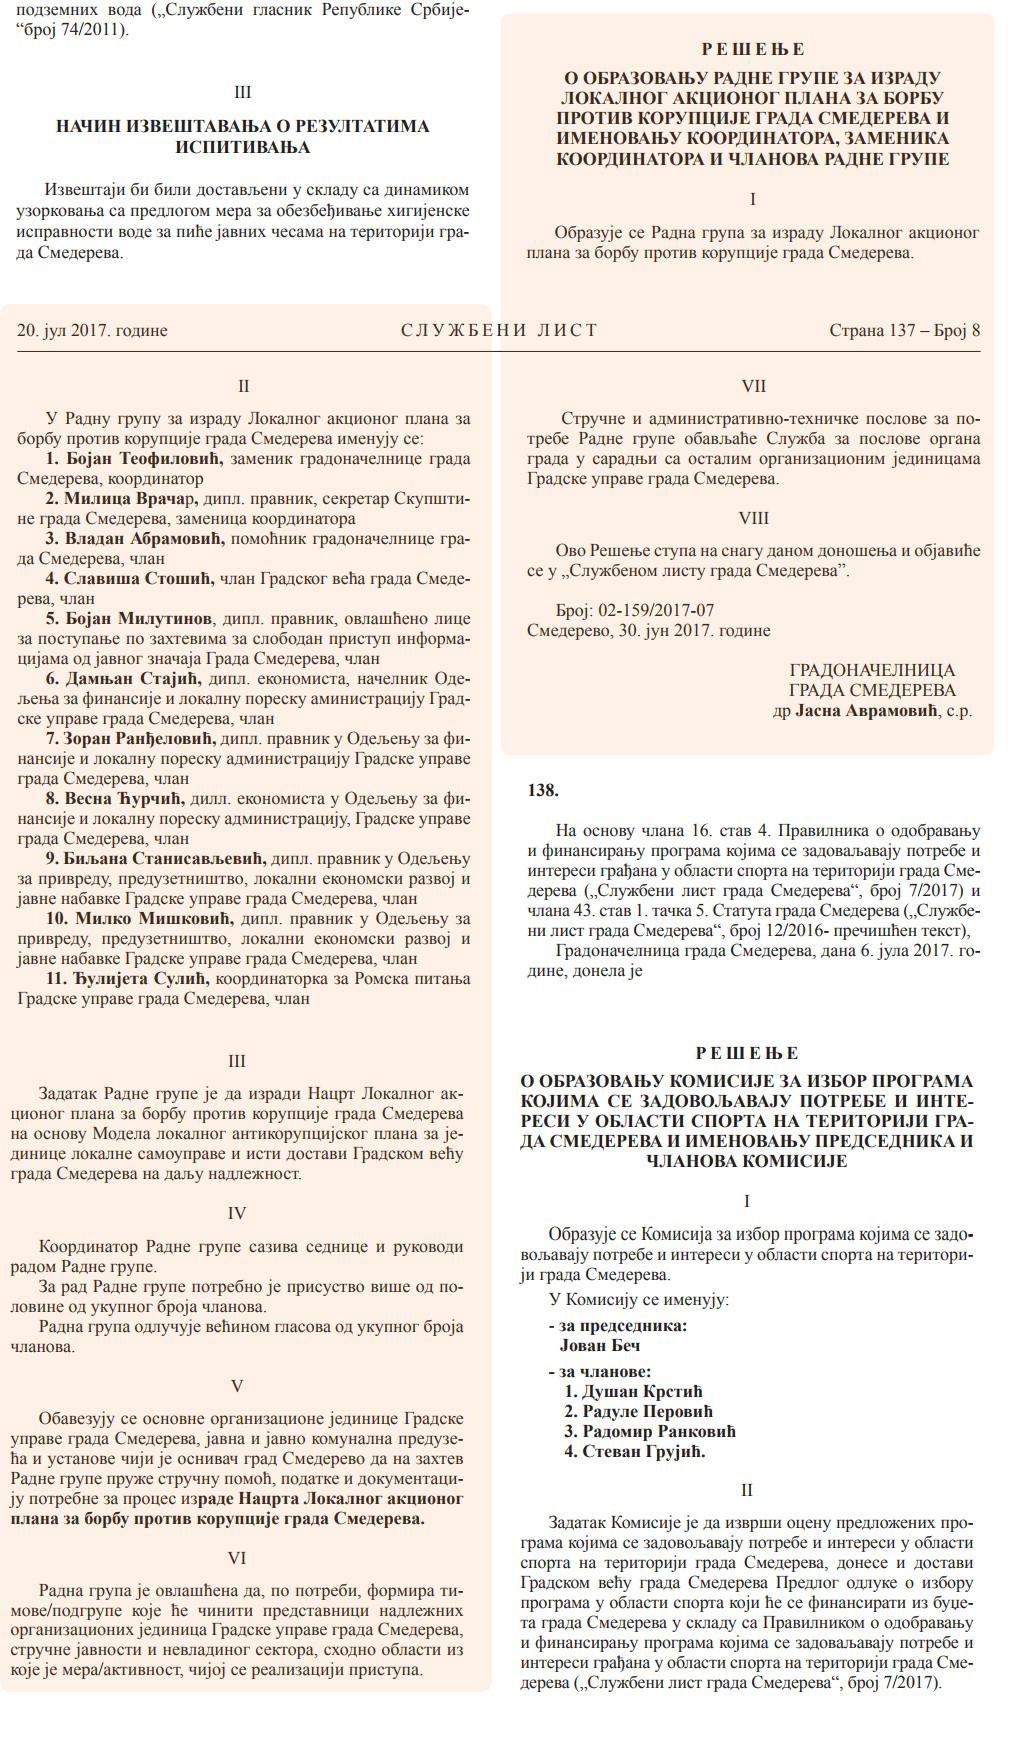 LAF радна група Смедерево, СЛ